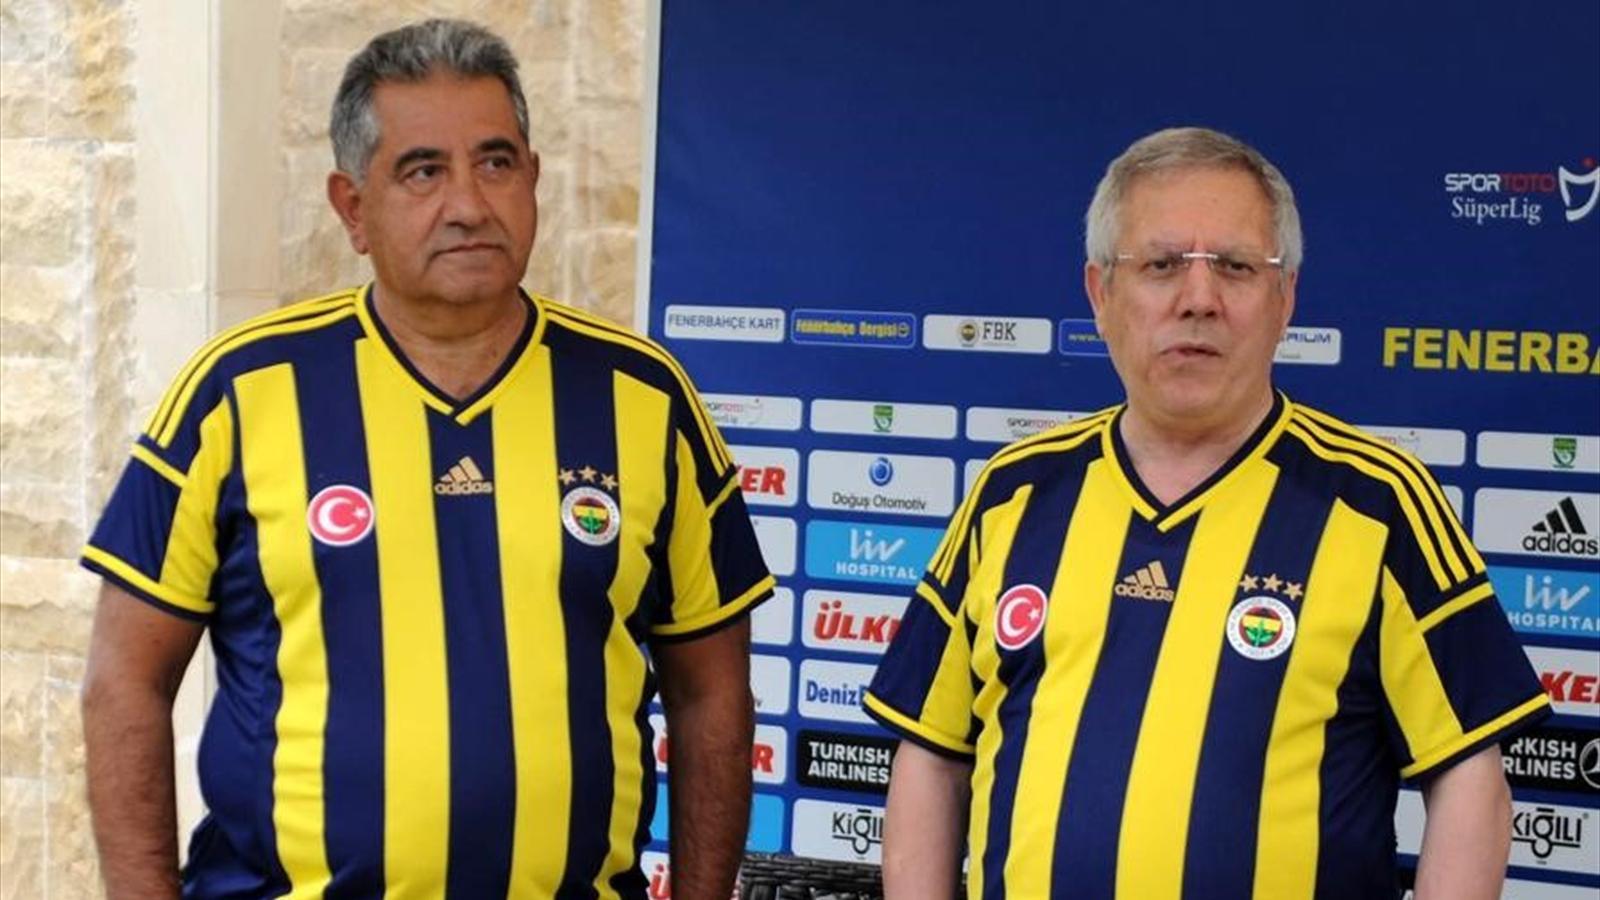 Fenerbahçe'ye büyük şok | 7 yıl hapsi istendi!